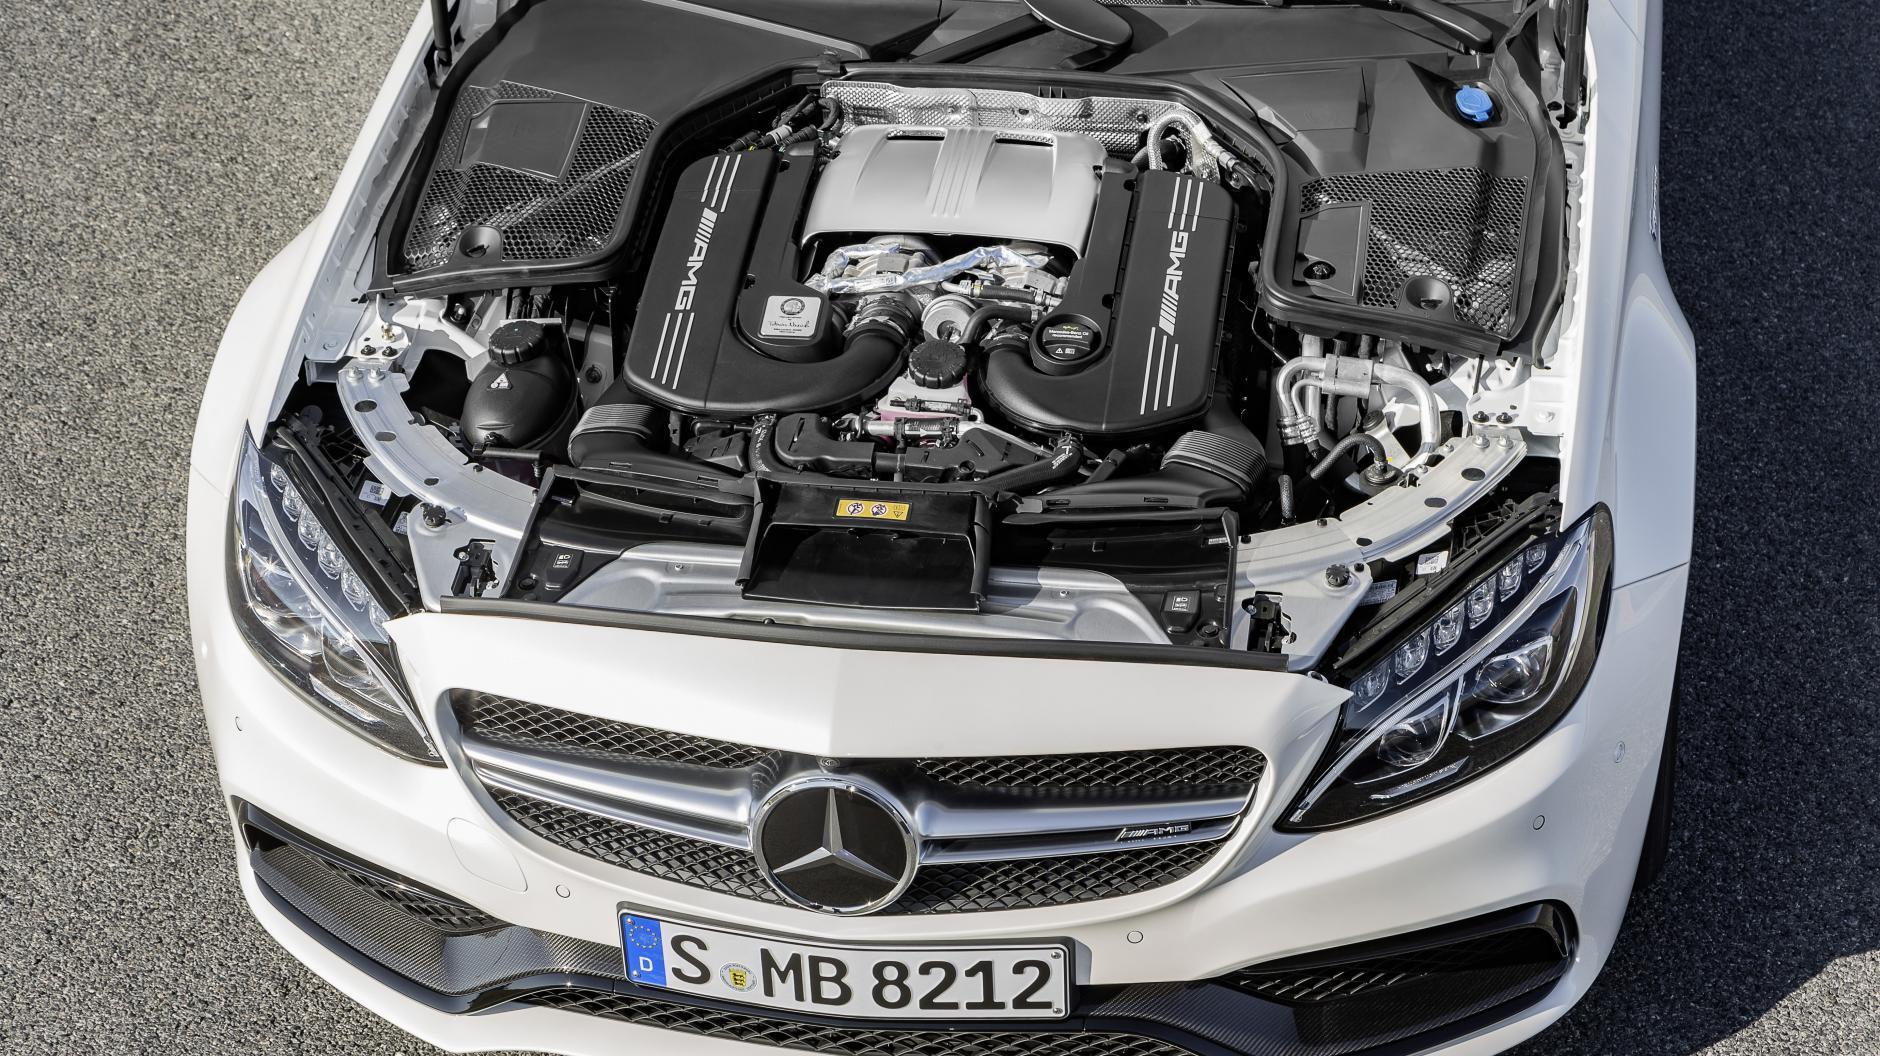 Pics: Merc-AMG C63 Coupe revealed